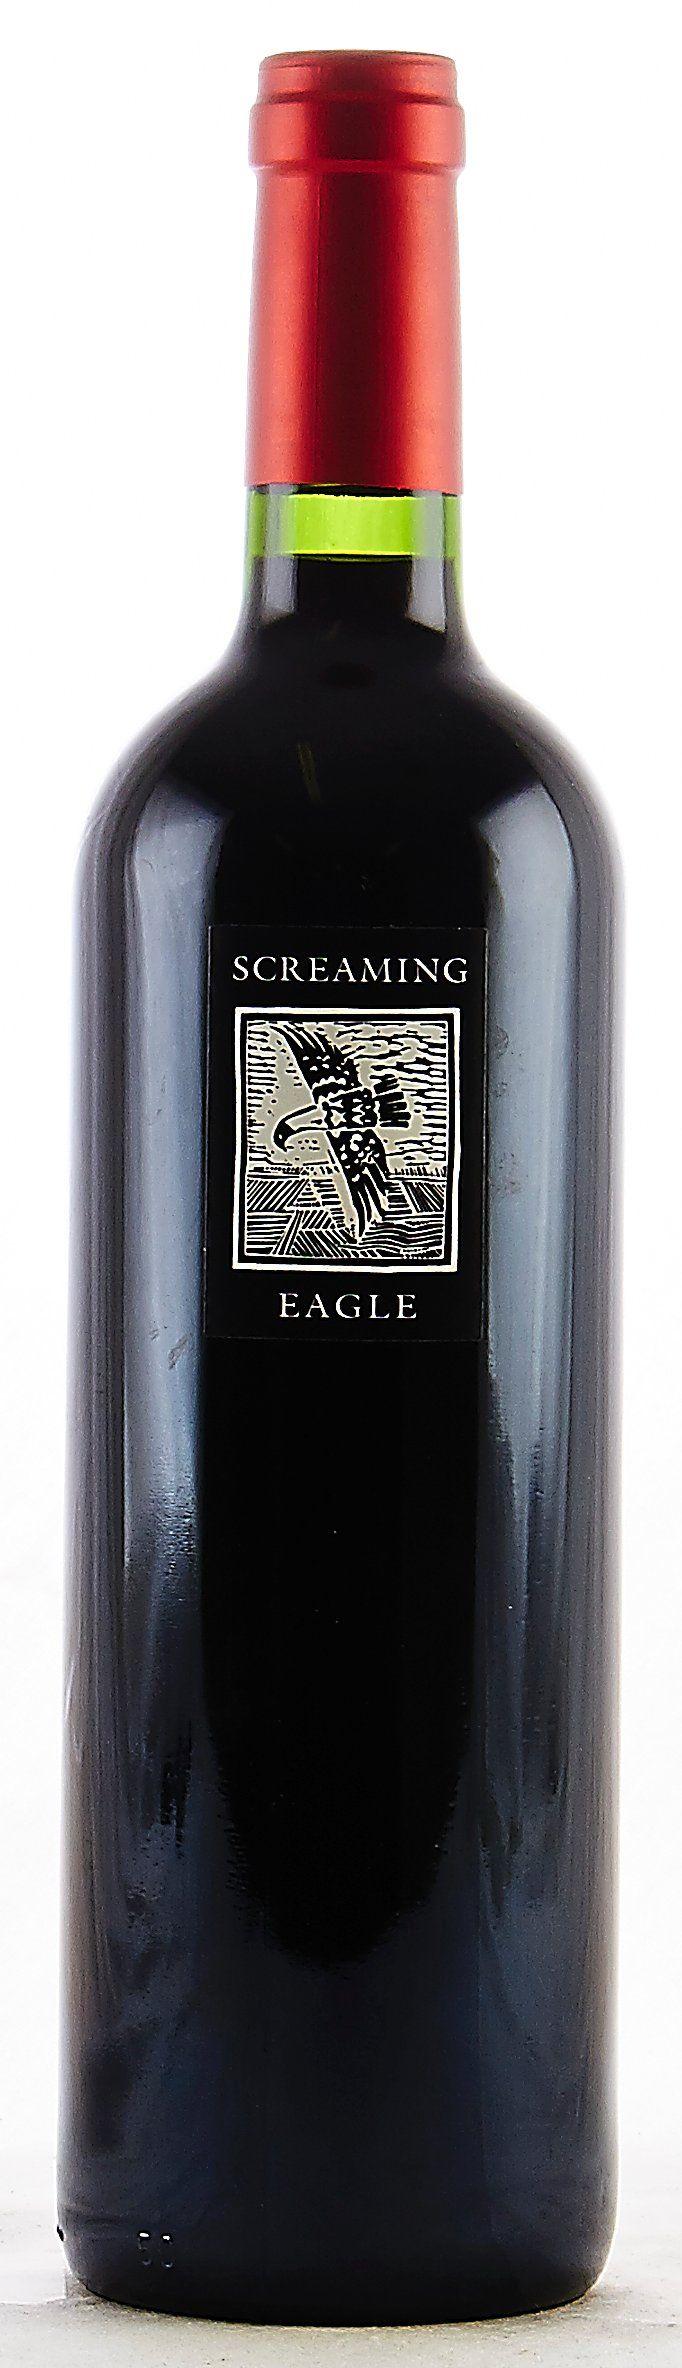 Screaming Eagle Cabernet Sauvignon, Napa Valley